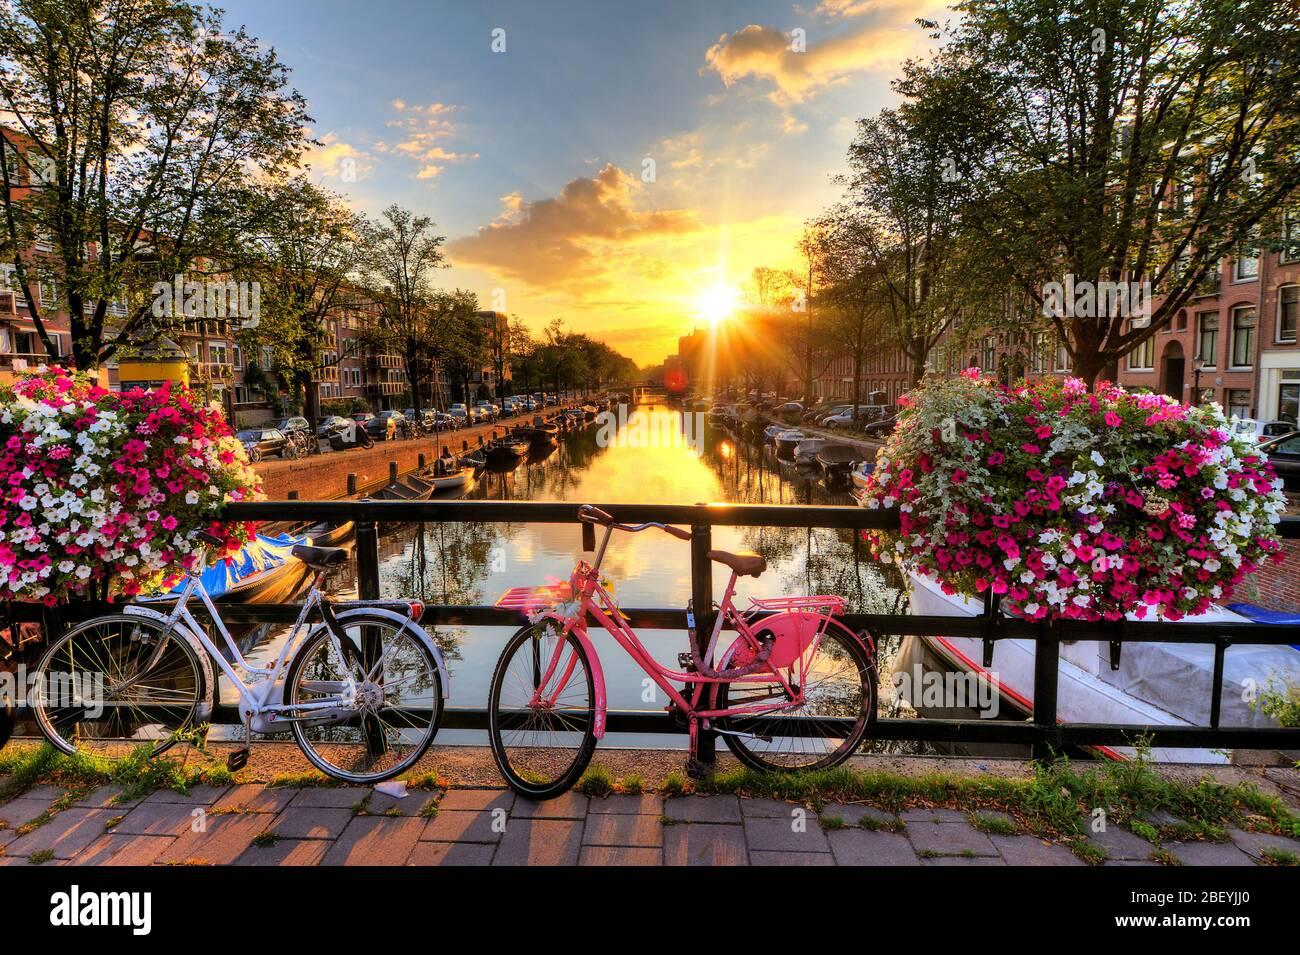 Schöner Sonnenaufgang über Amsterdam, Niederlande, mit Blumen und Fahrrädern auf der Brücke im Frühling Stockfoto